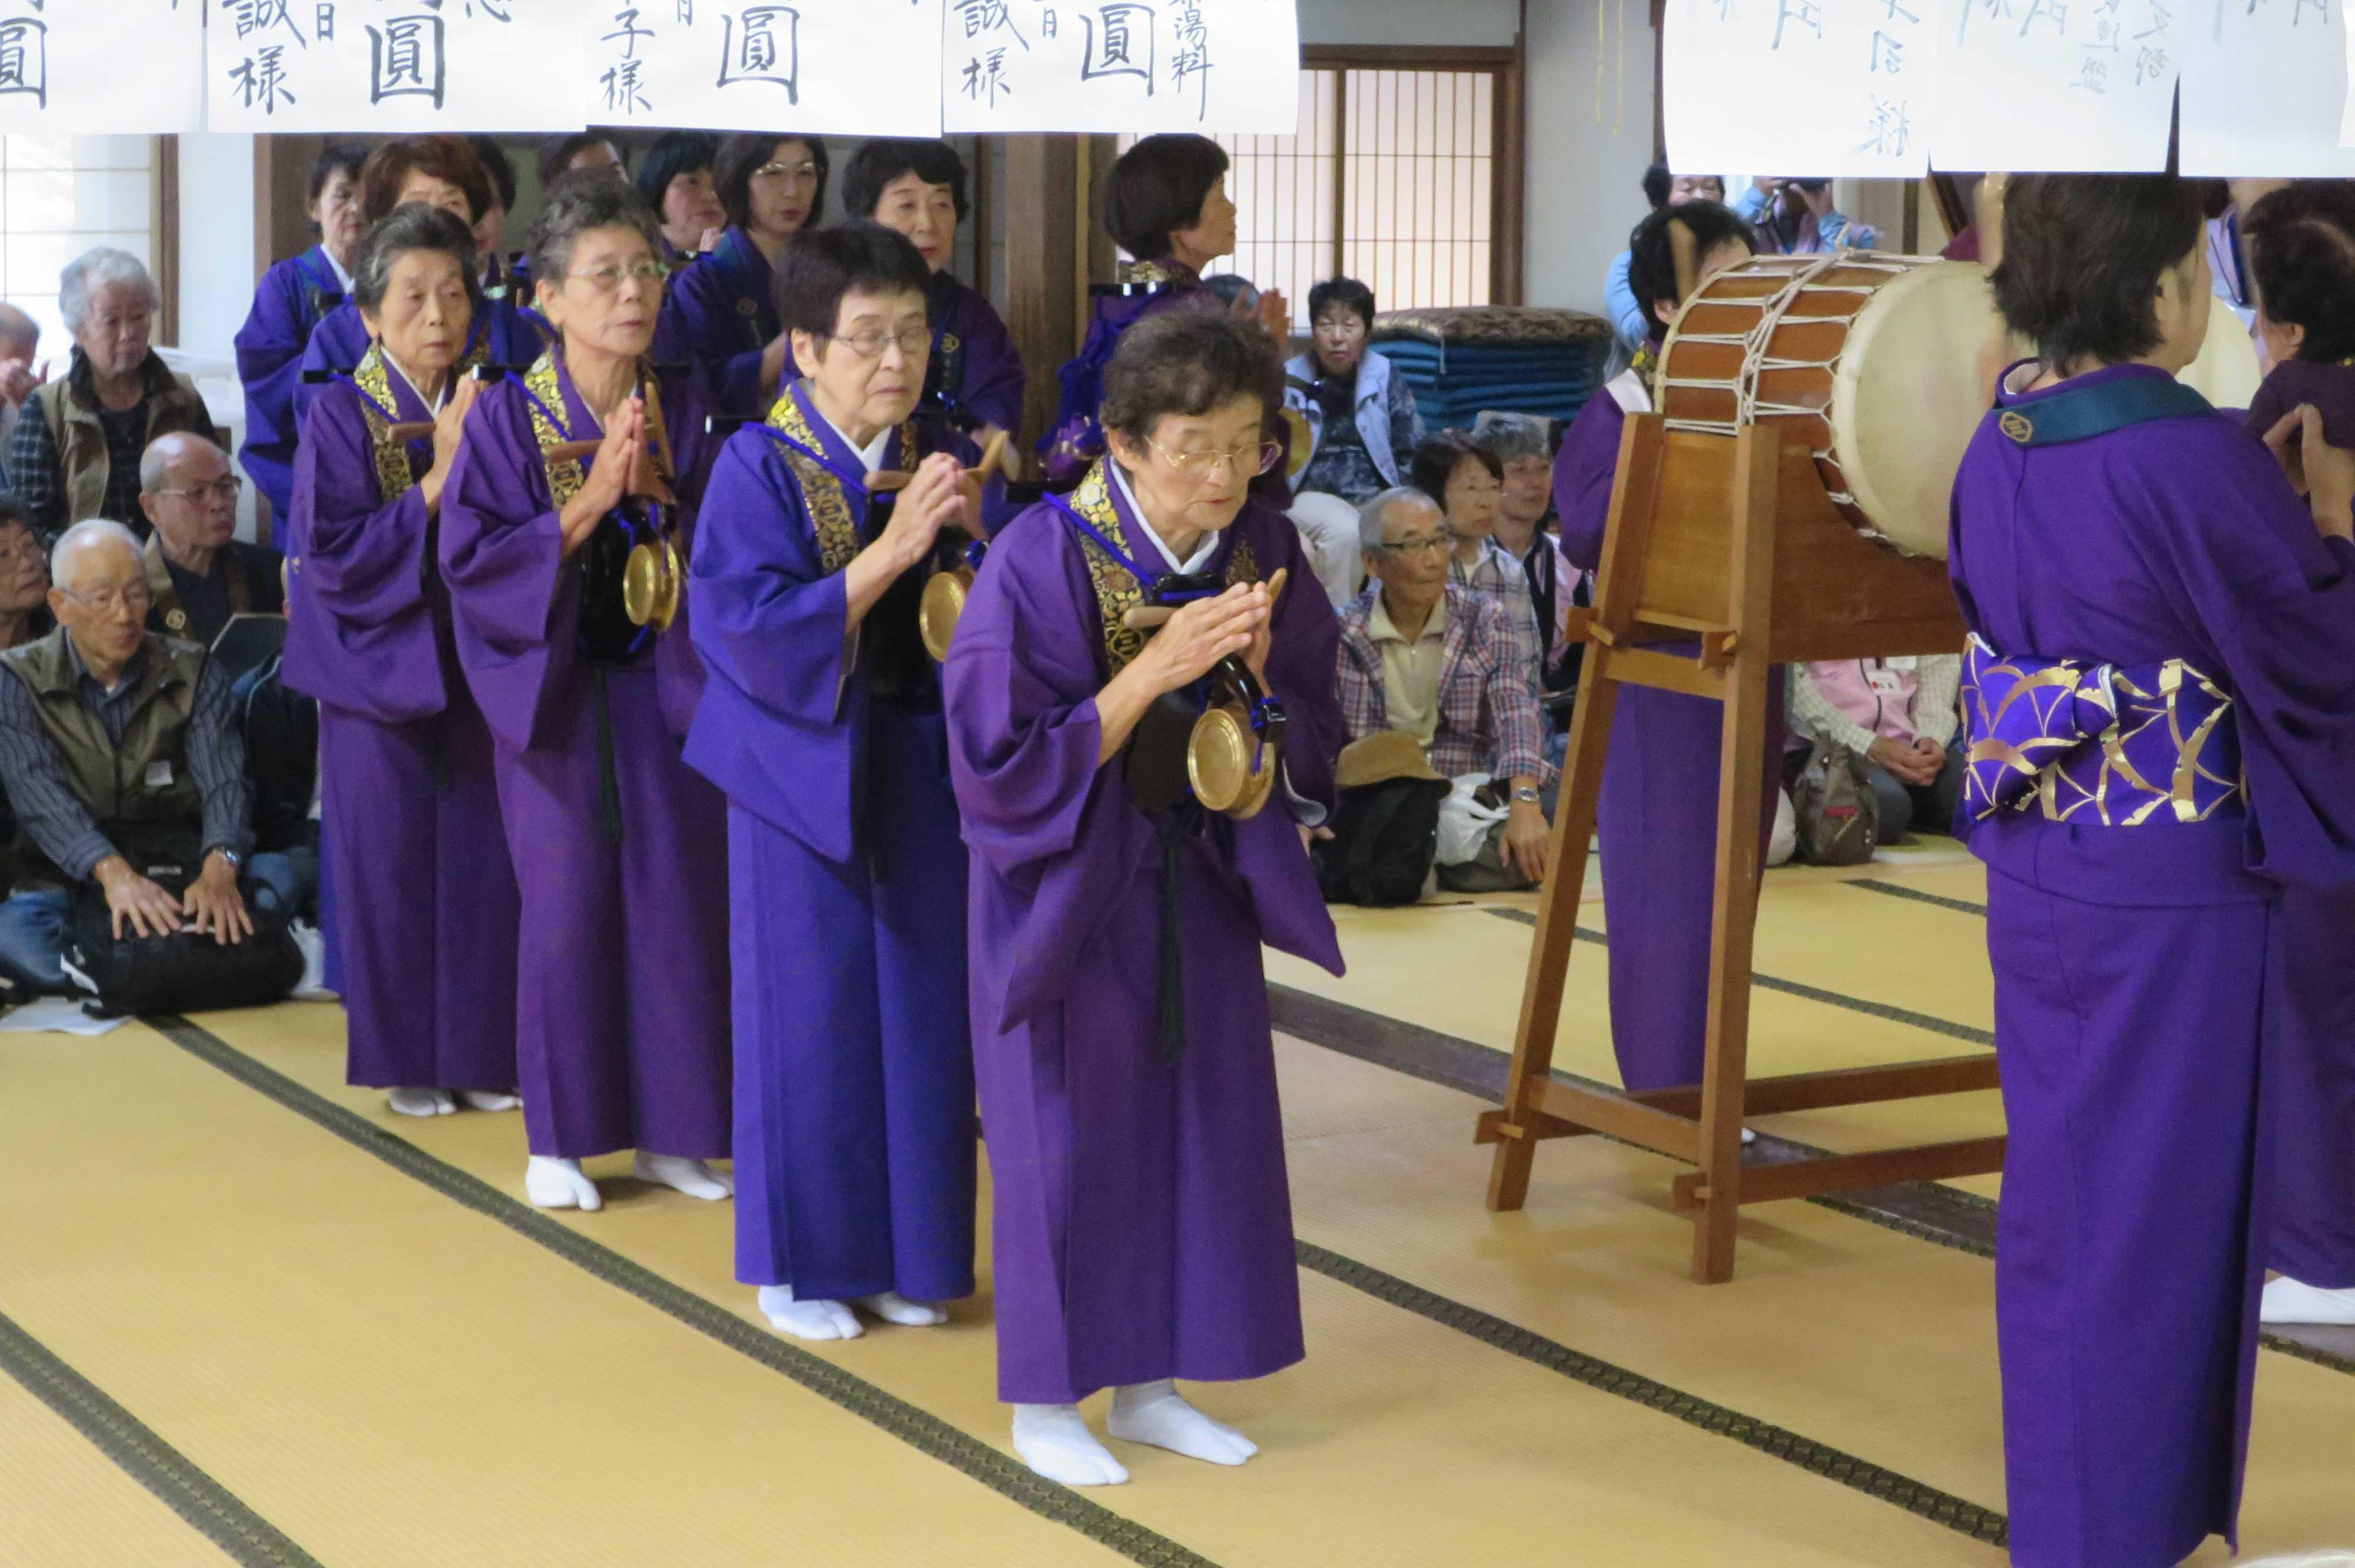 無量光寺の踊り念仏 - 鉦(かね)を持ち、合掌